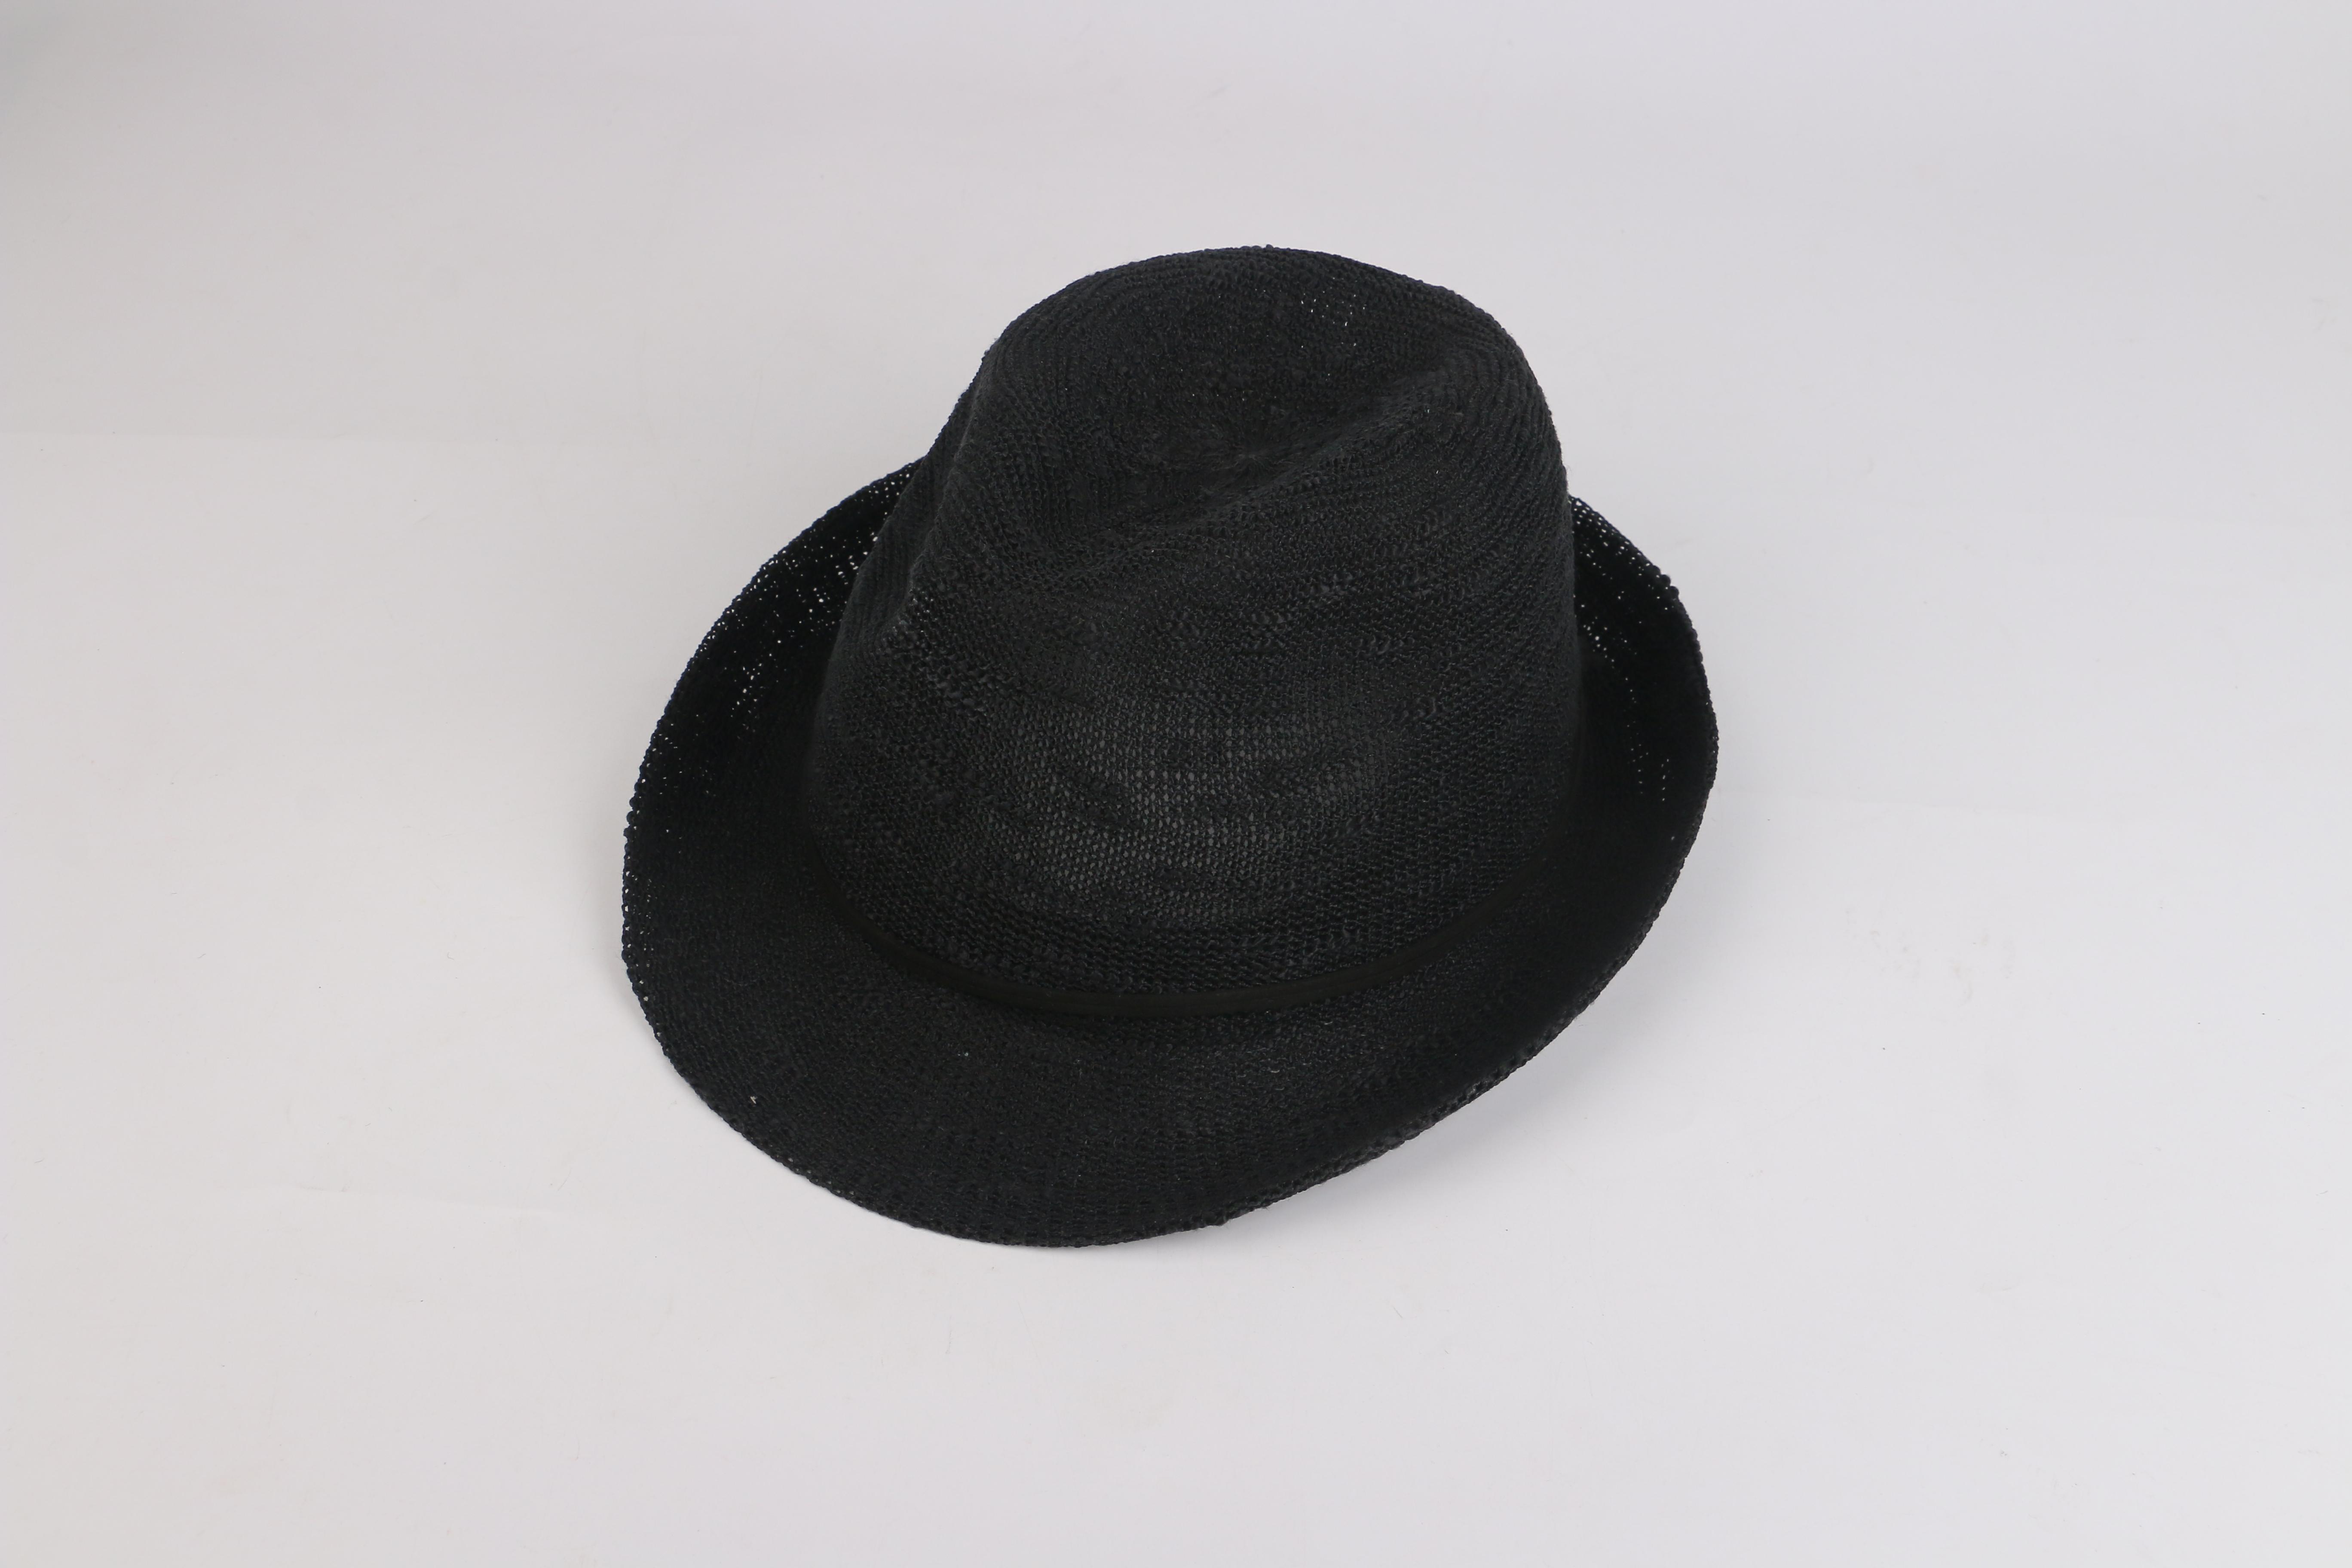 上海推荐毛线帽图片-永祥帽厂